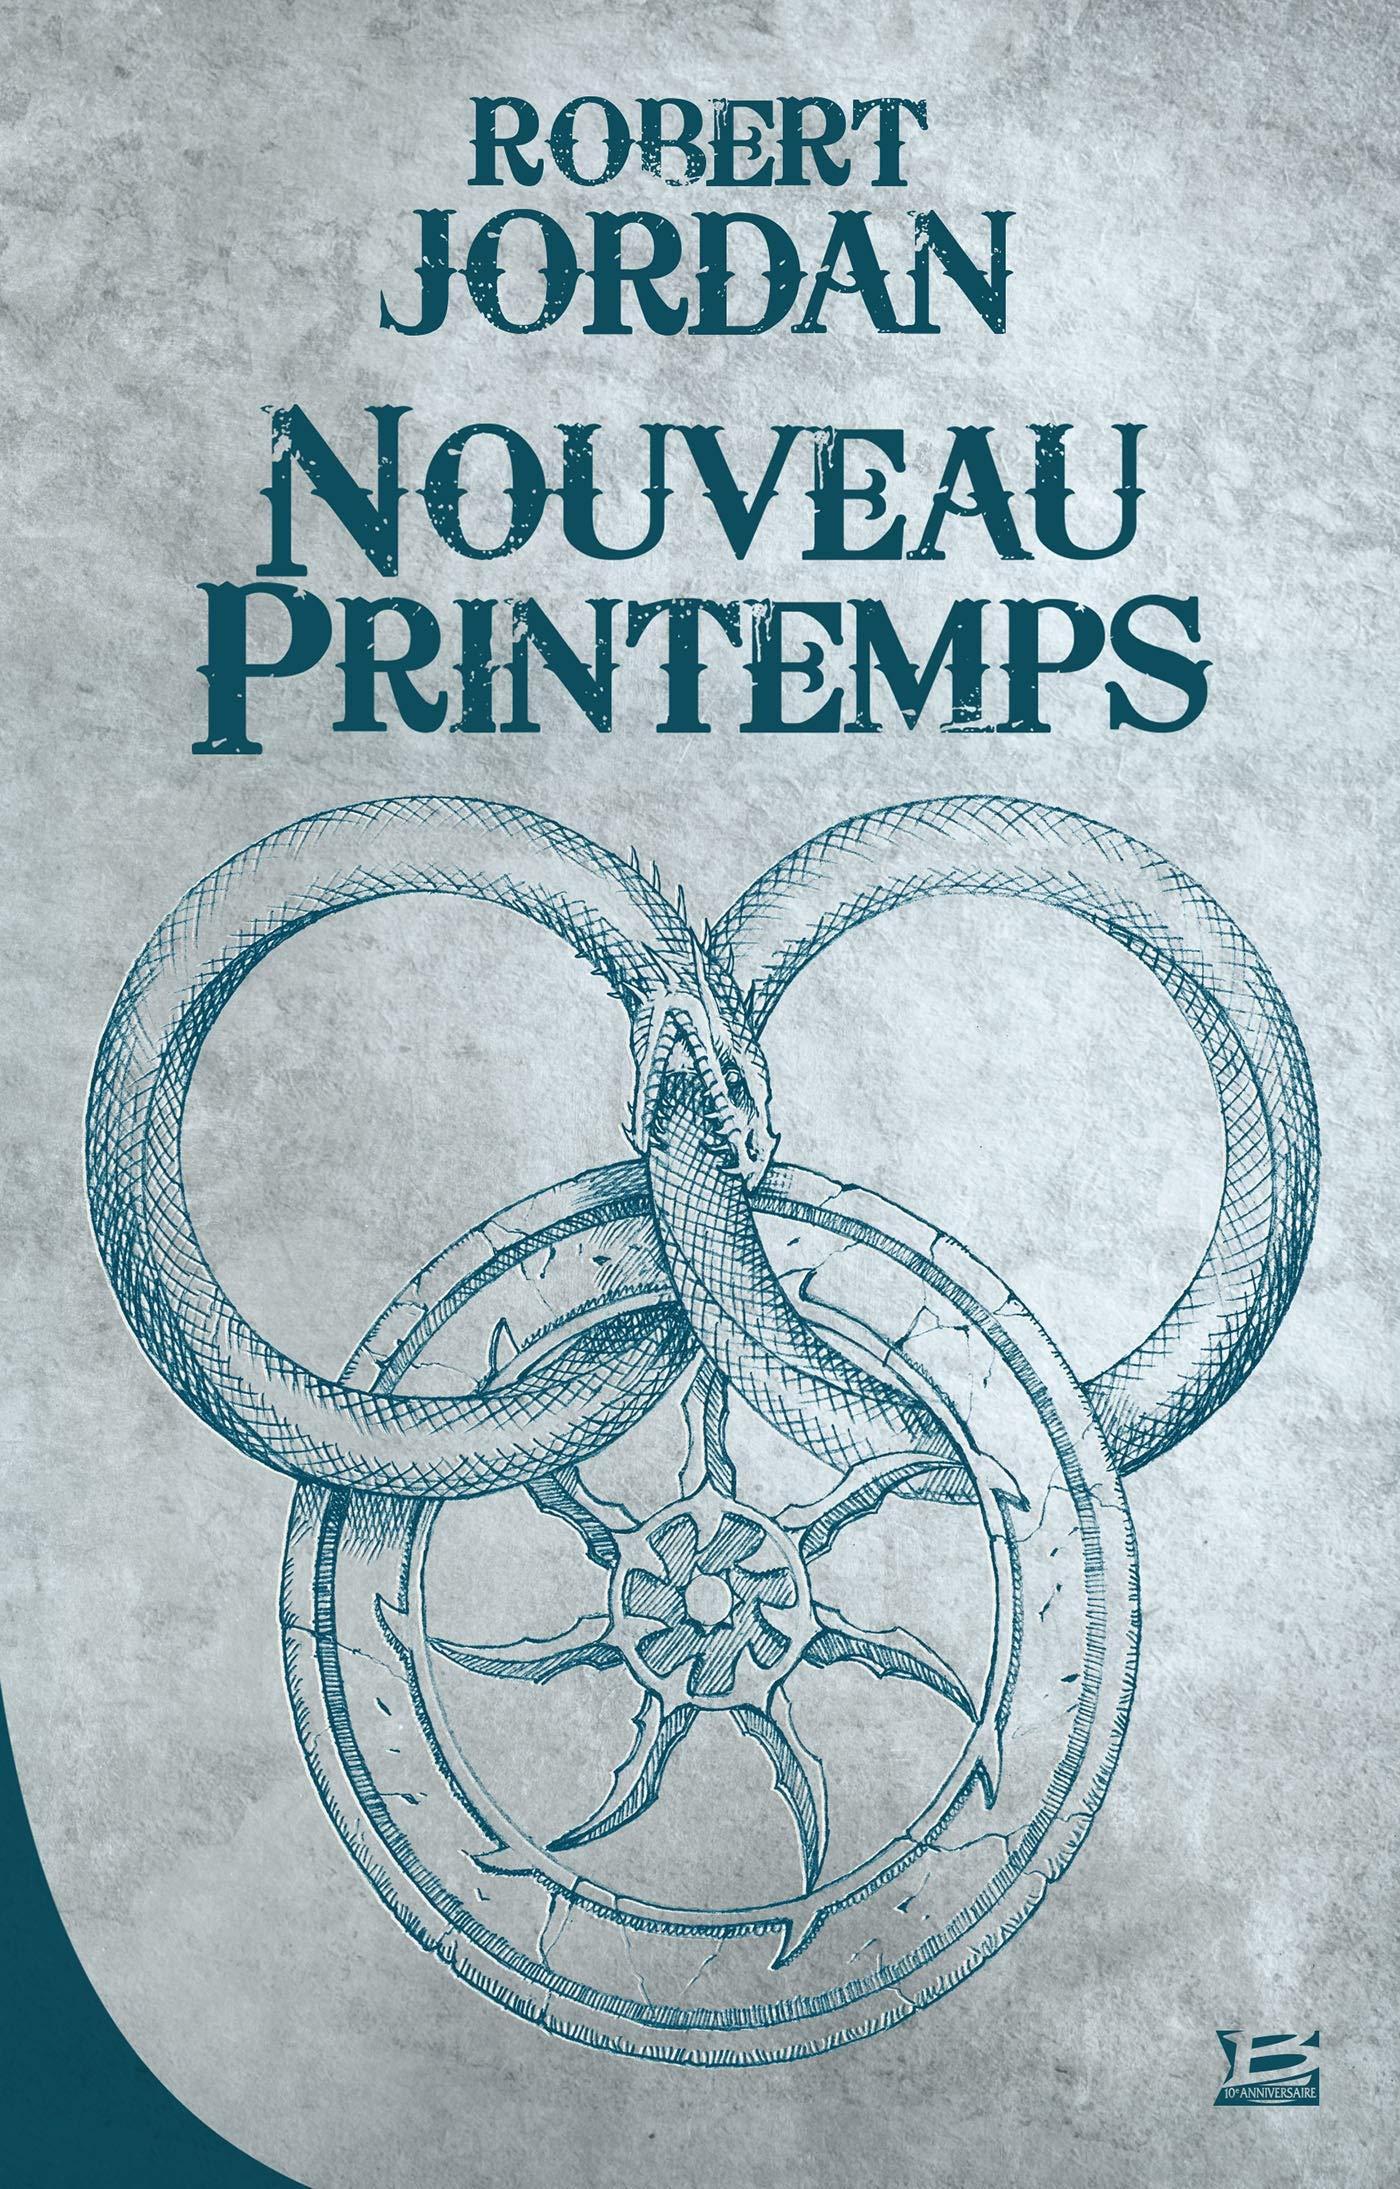 La Roue du Temps – Nouveau printemps / The Wheel of Time